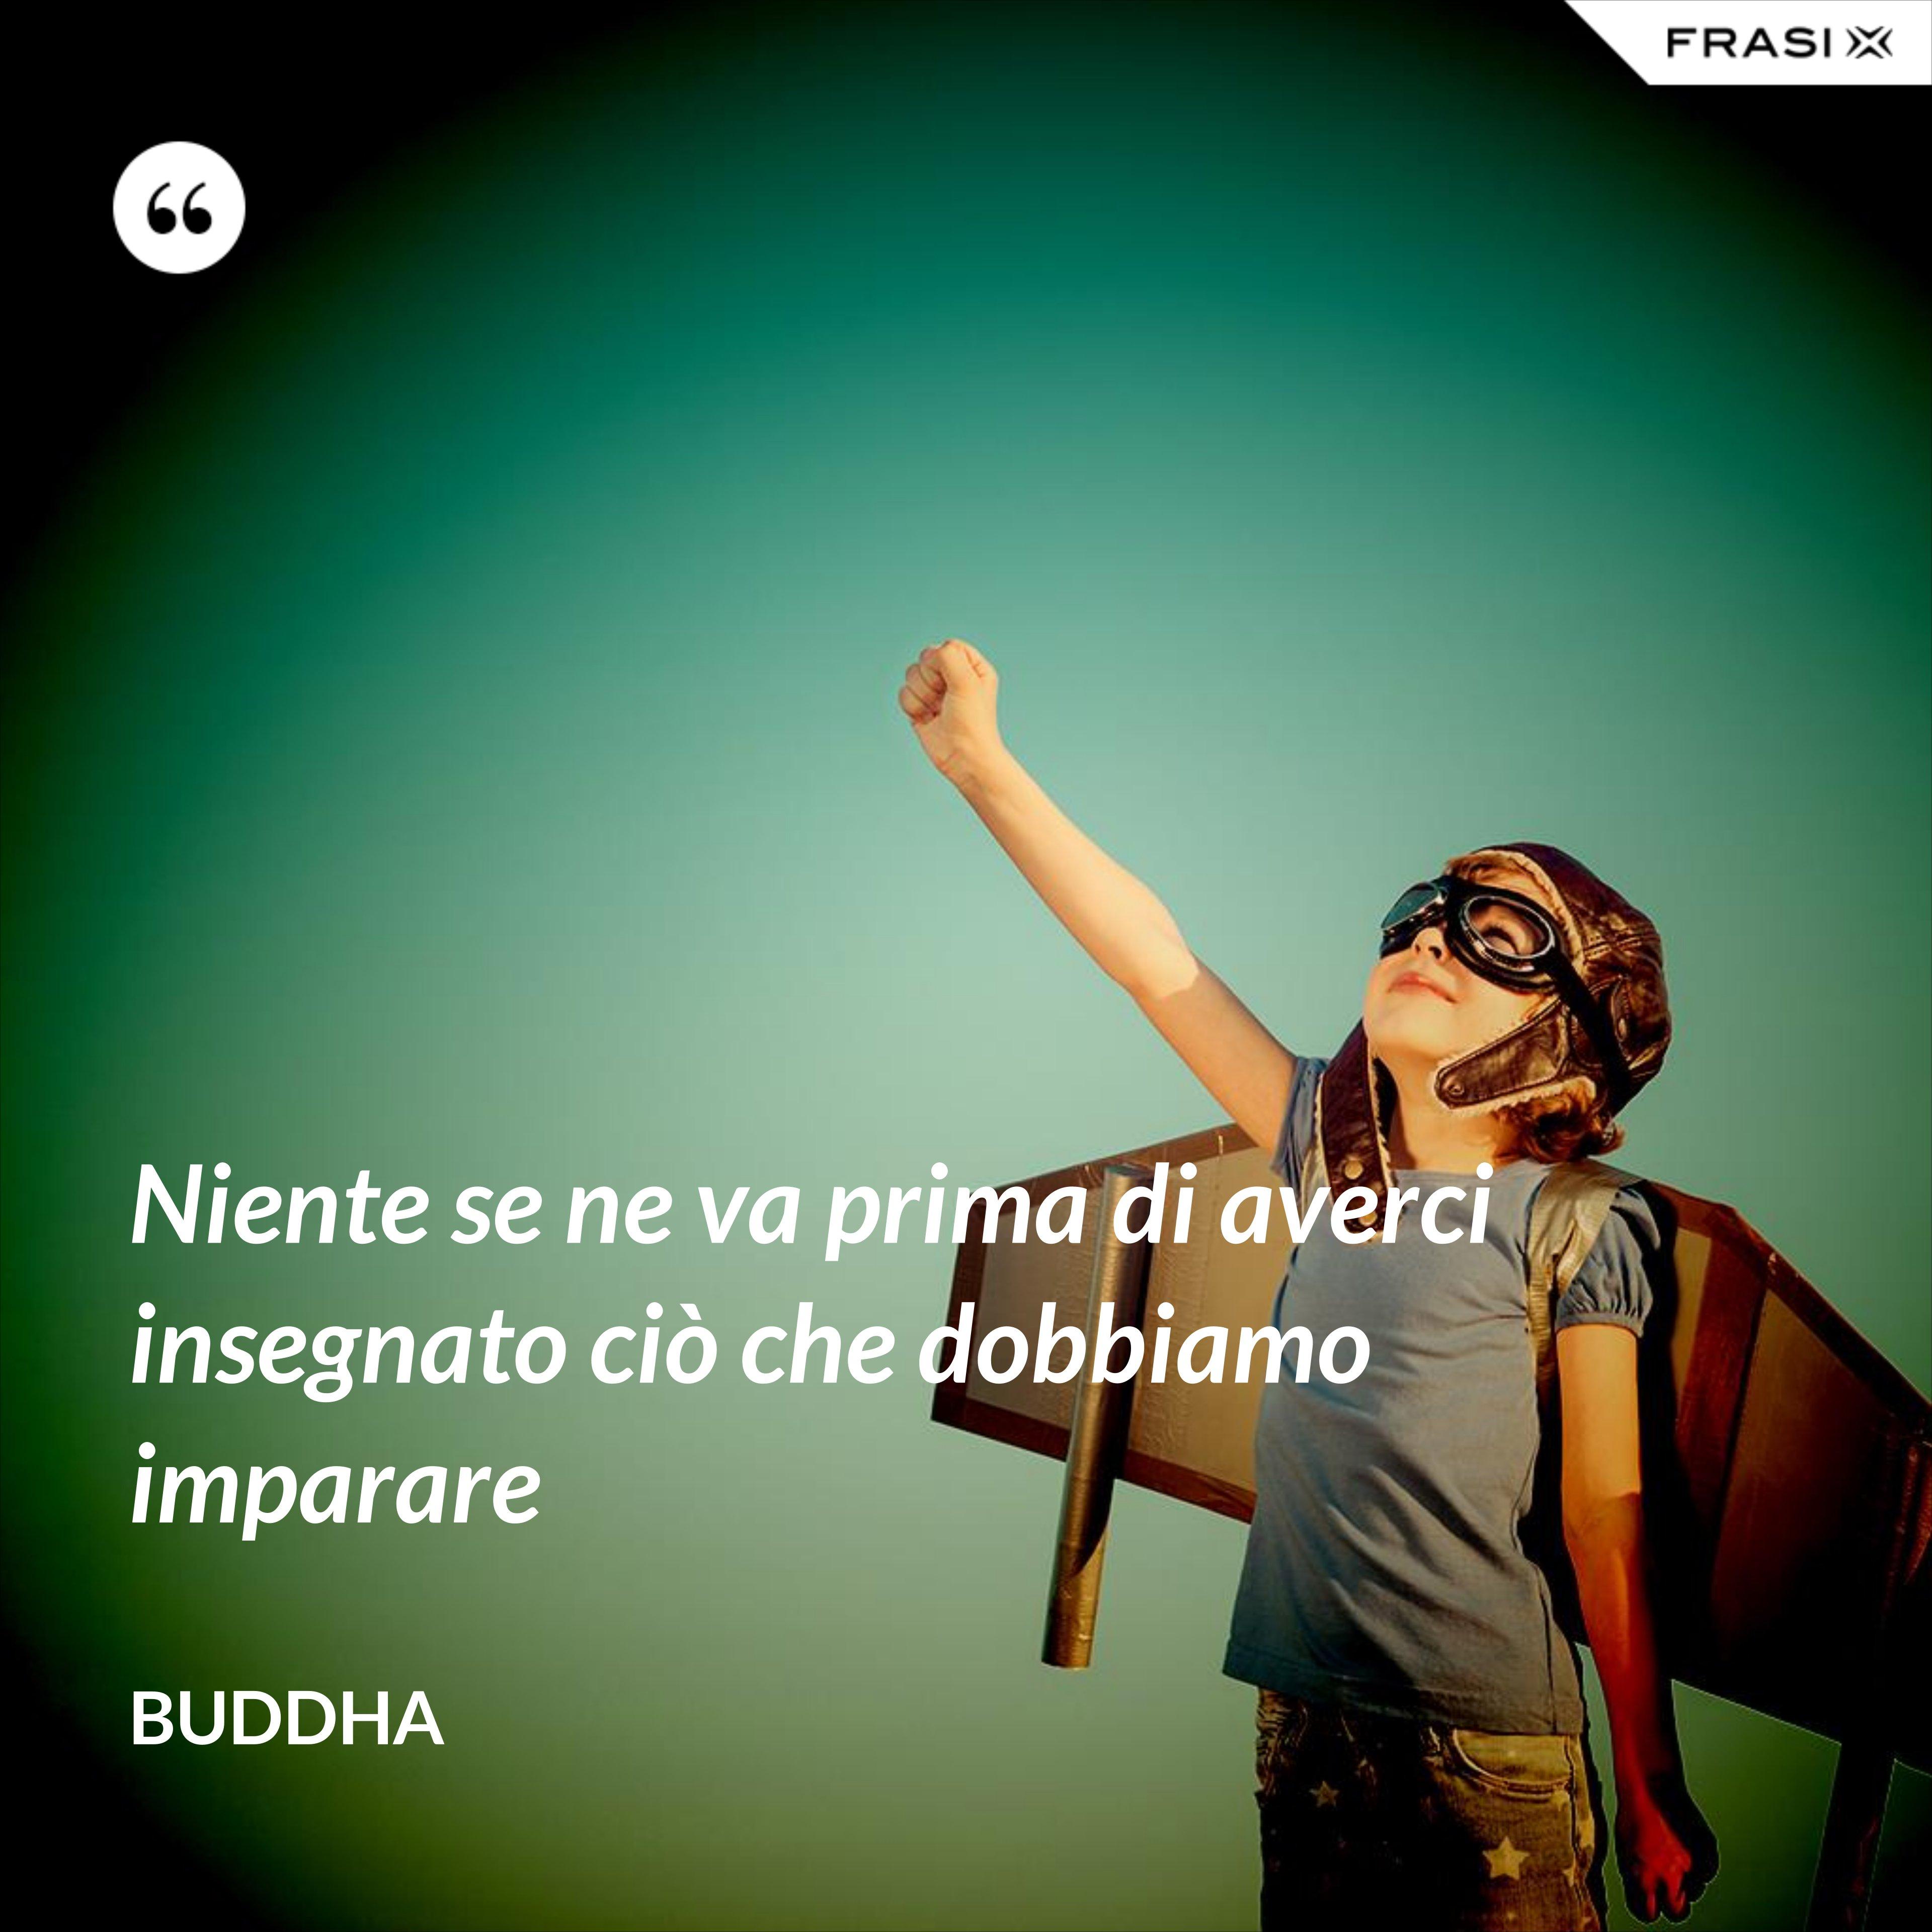 Niente se ne va prima di averci insegnato ciò che dobbiamo imparare - Buddha